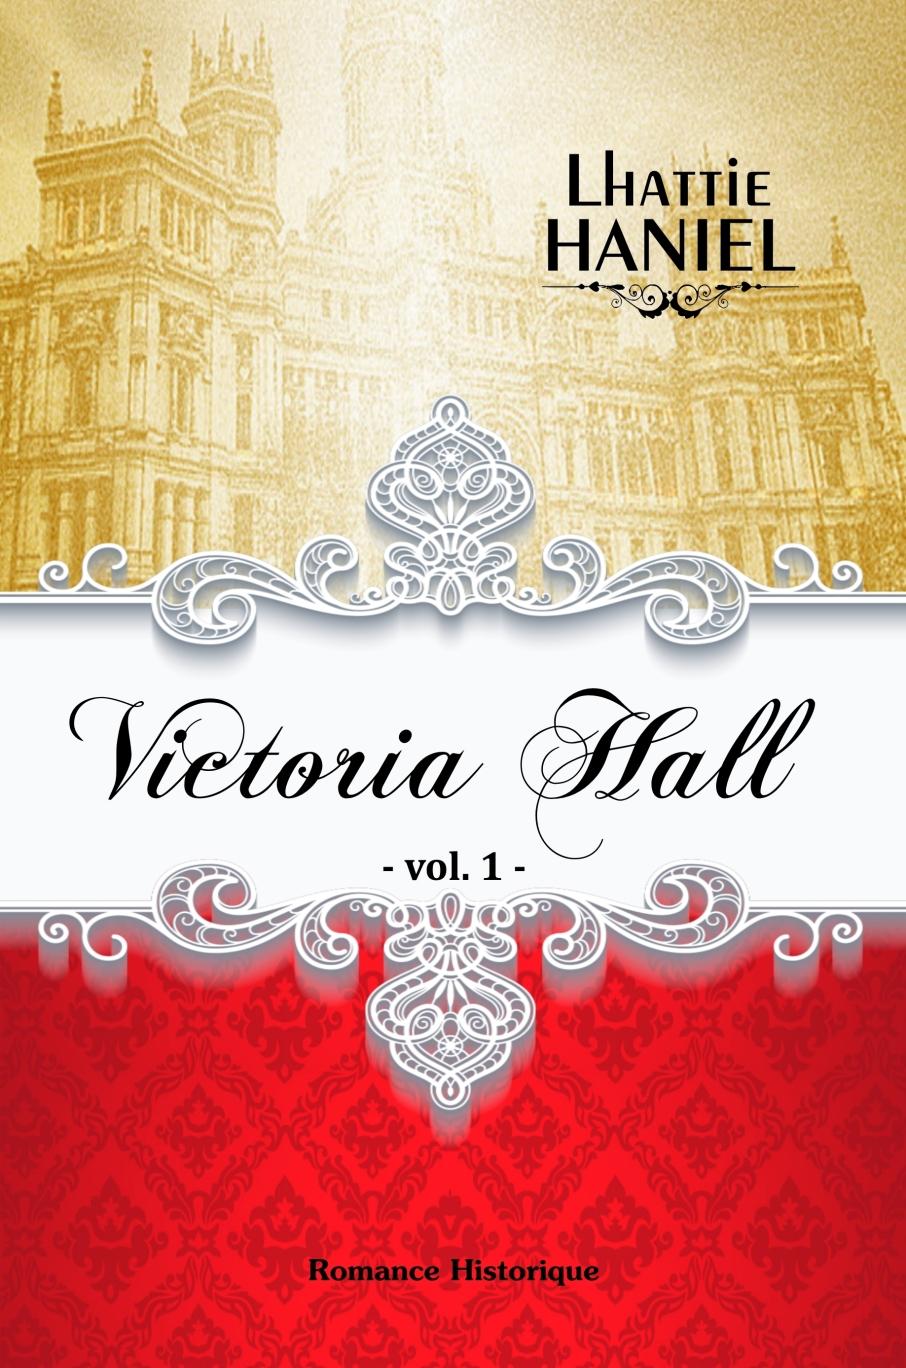 victoria hall vol 1 - kindle 20 novembre 2018 17h04 nouvelle version